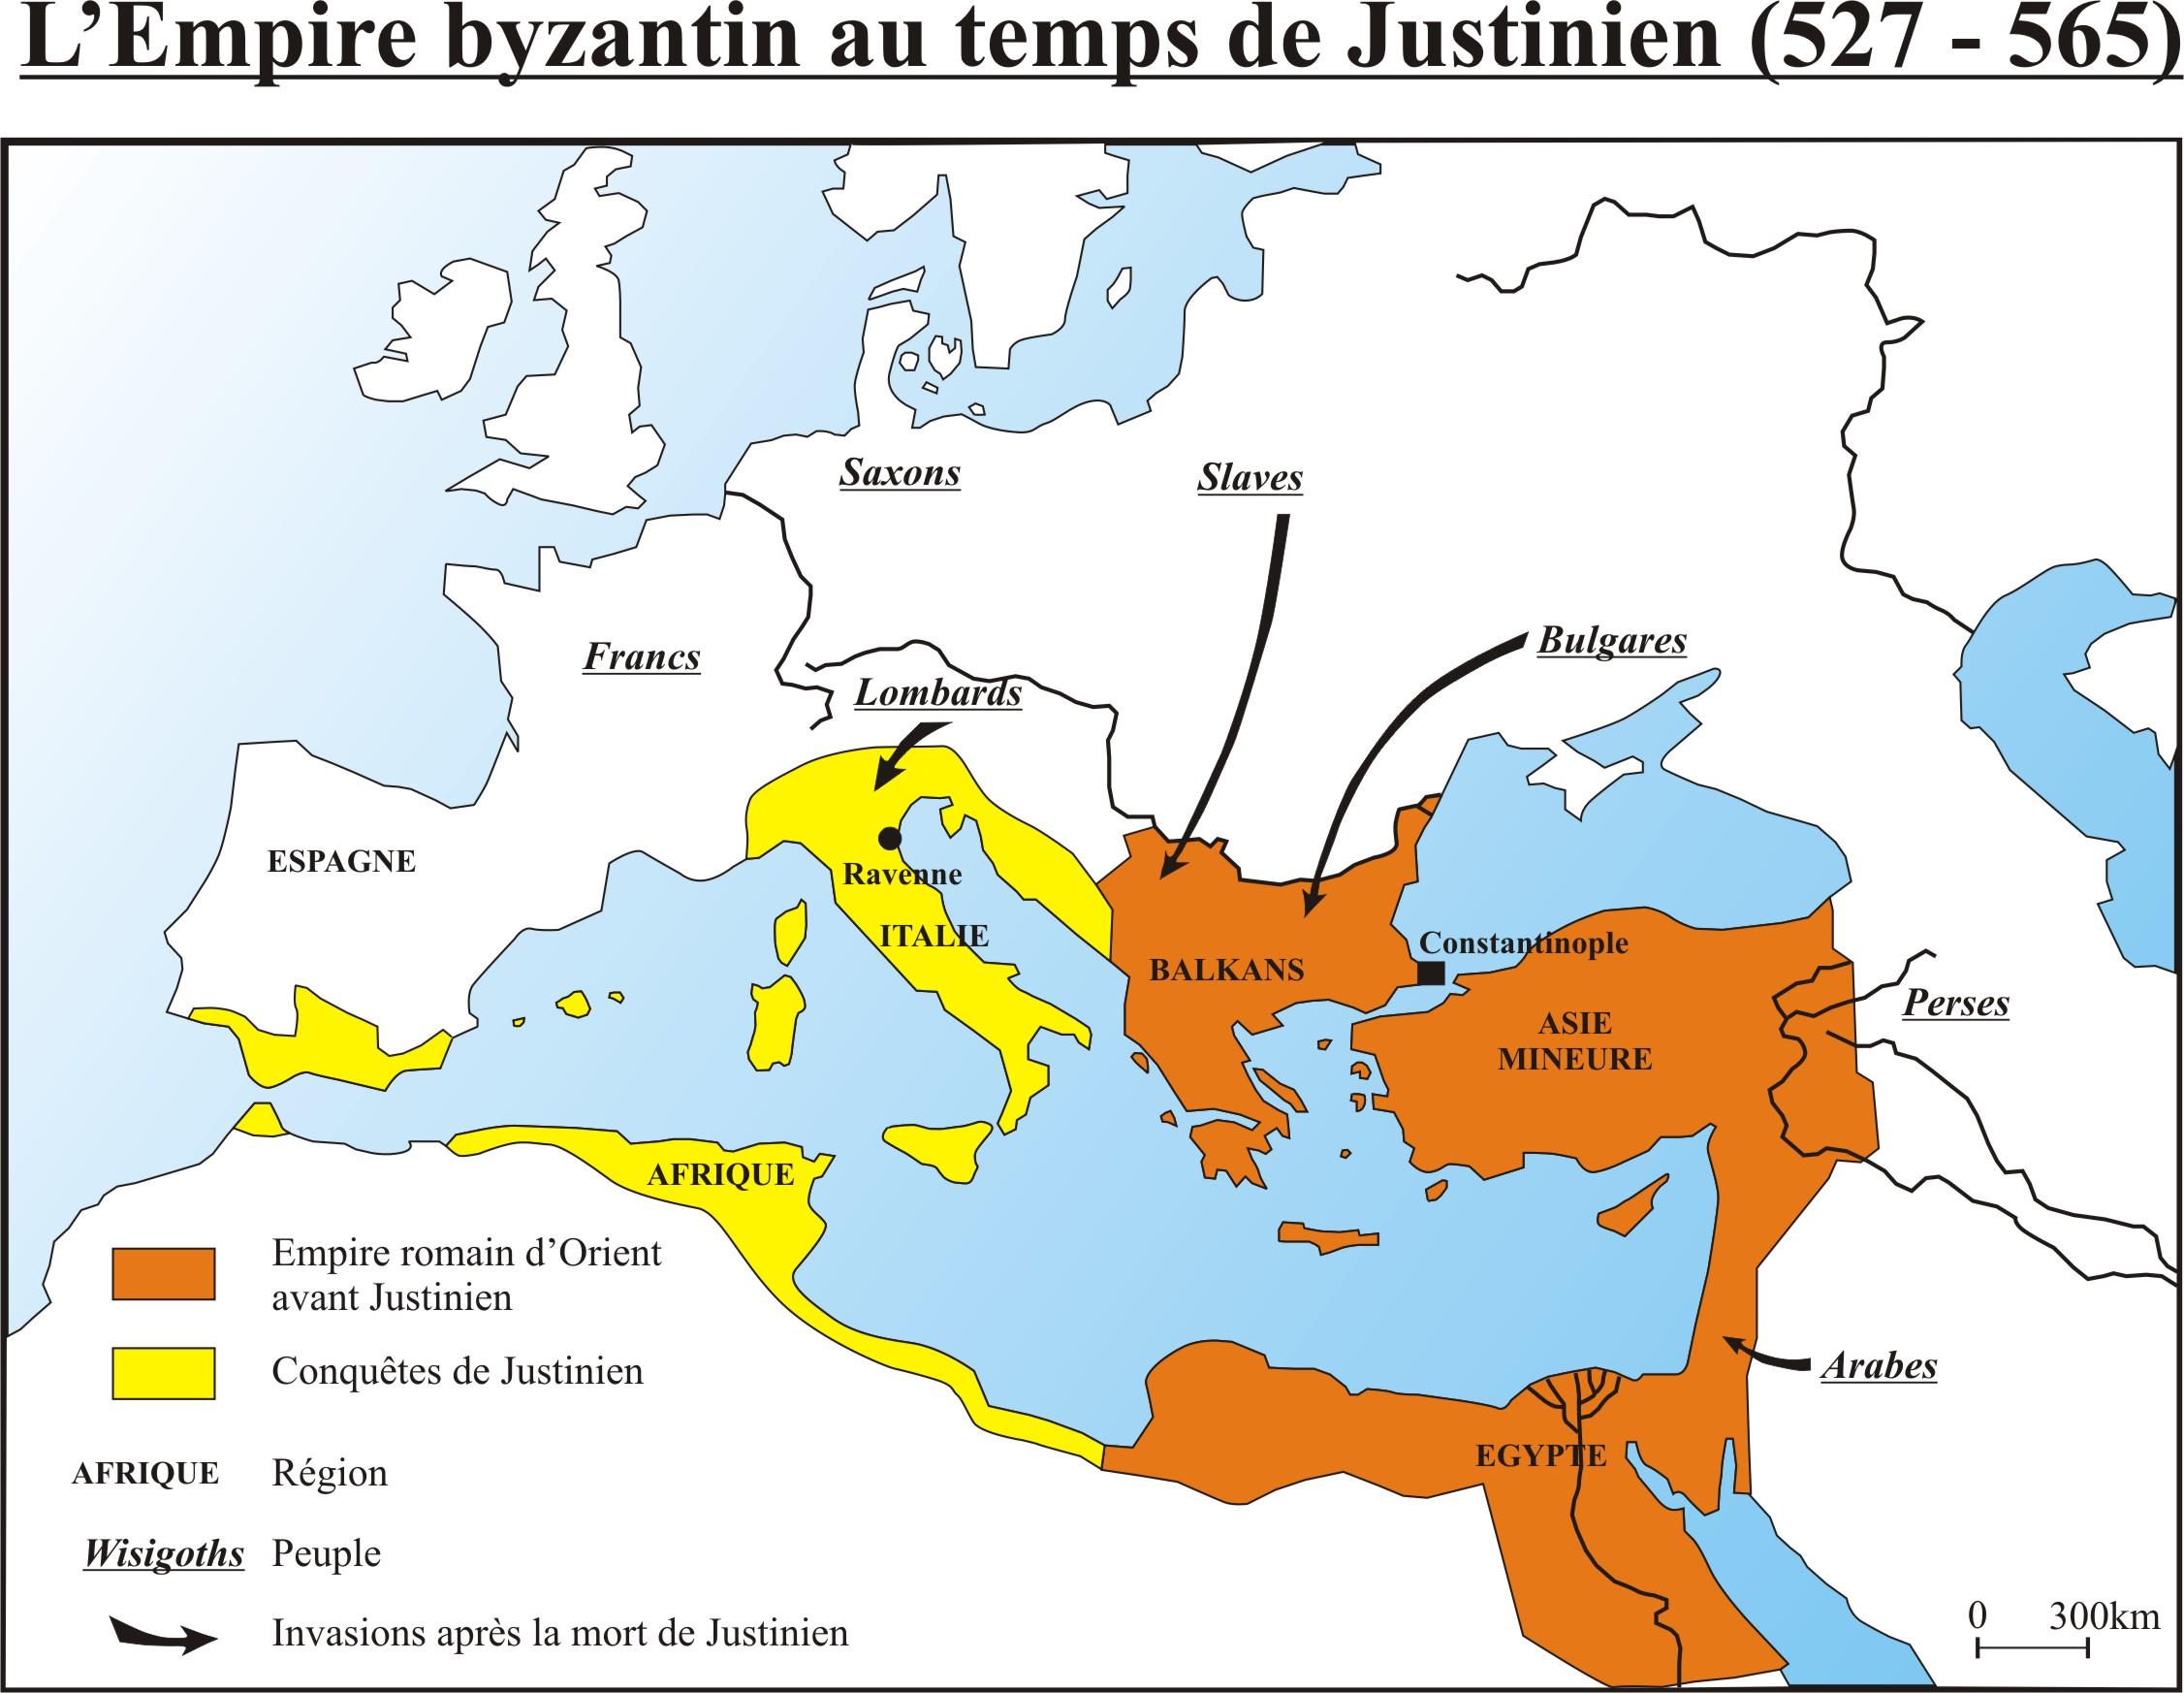 Contexte actuel : 553 AD OUZvybrV